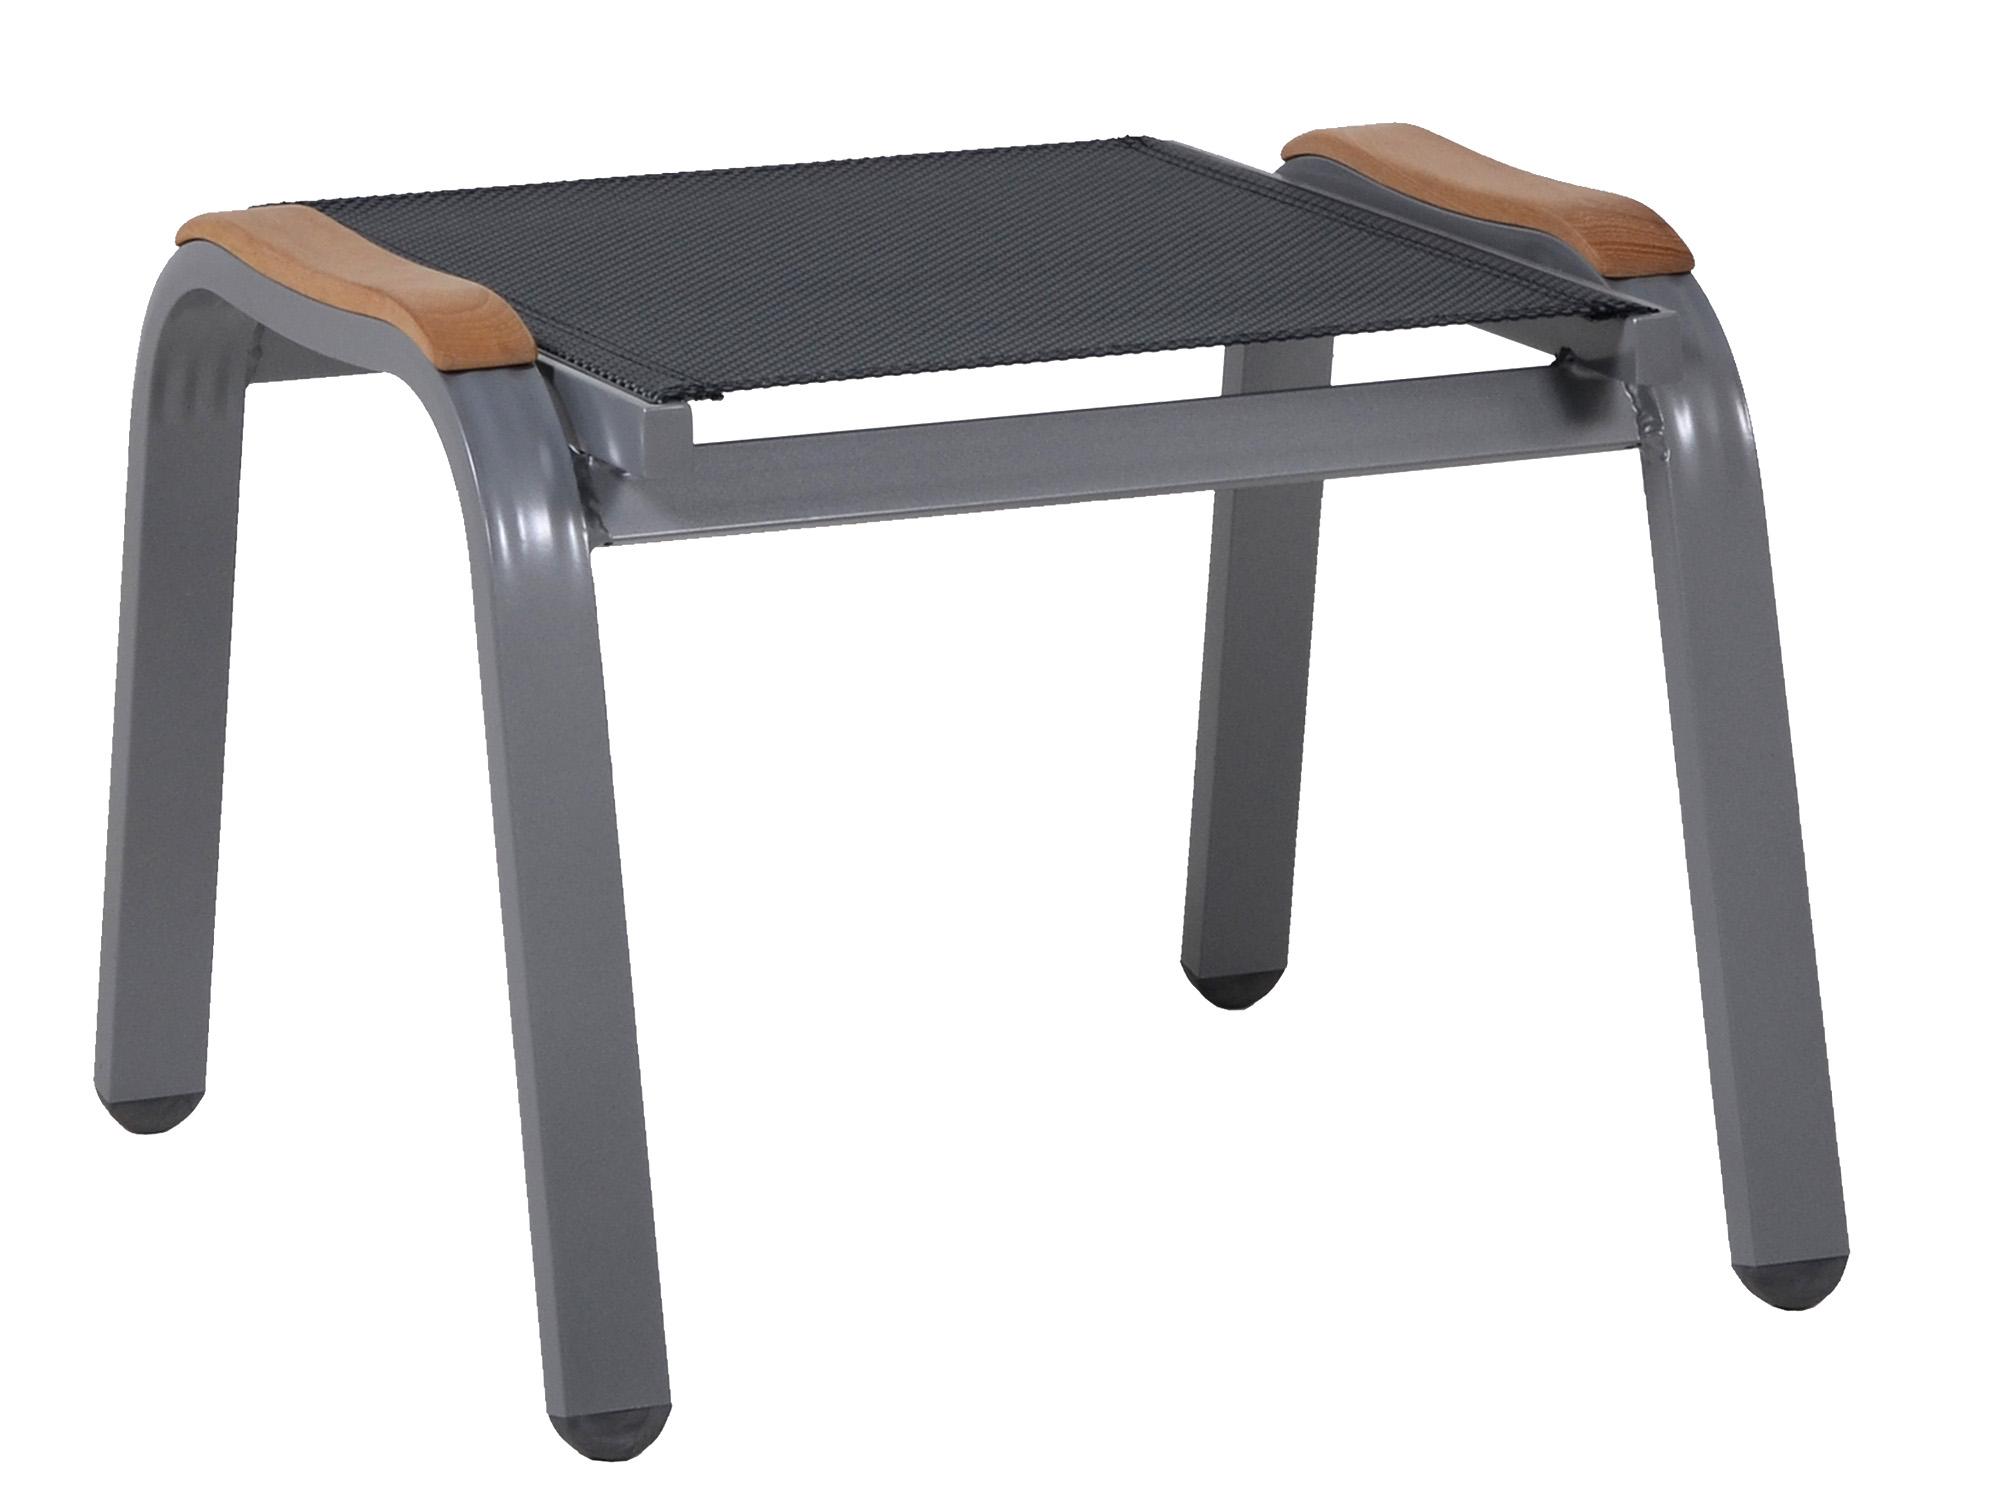 einzigartig gartenbank holz verstellbar design ideen garten design ideen. Black Bedroom Furniture Sets. Home Design Ideas